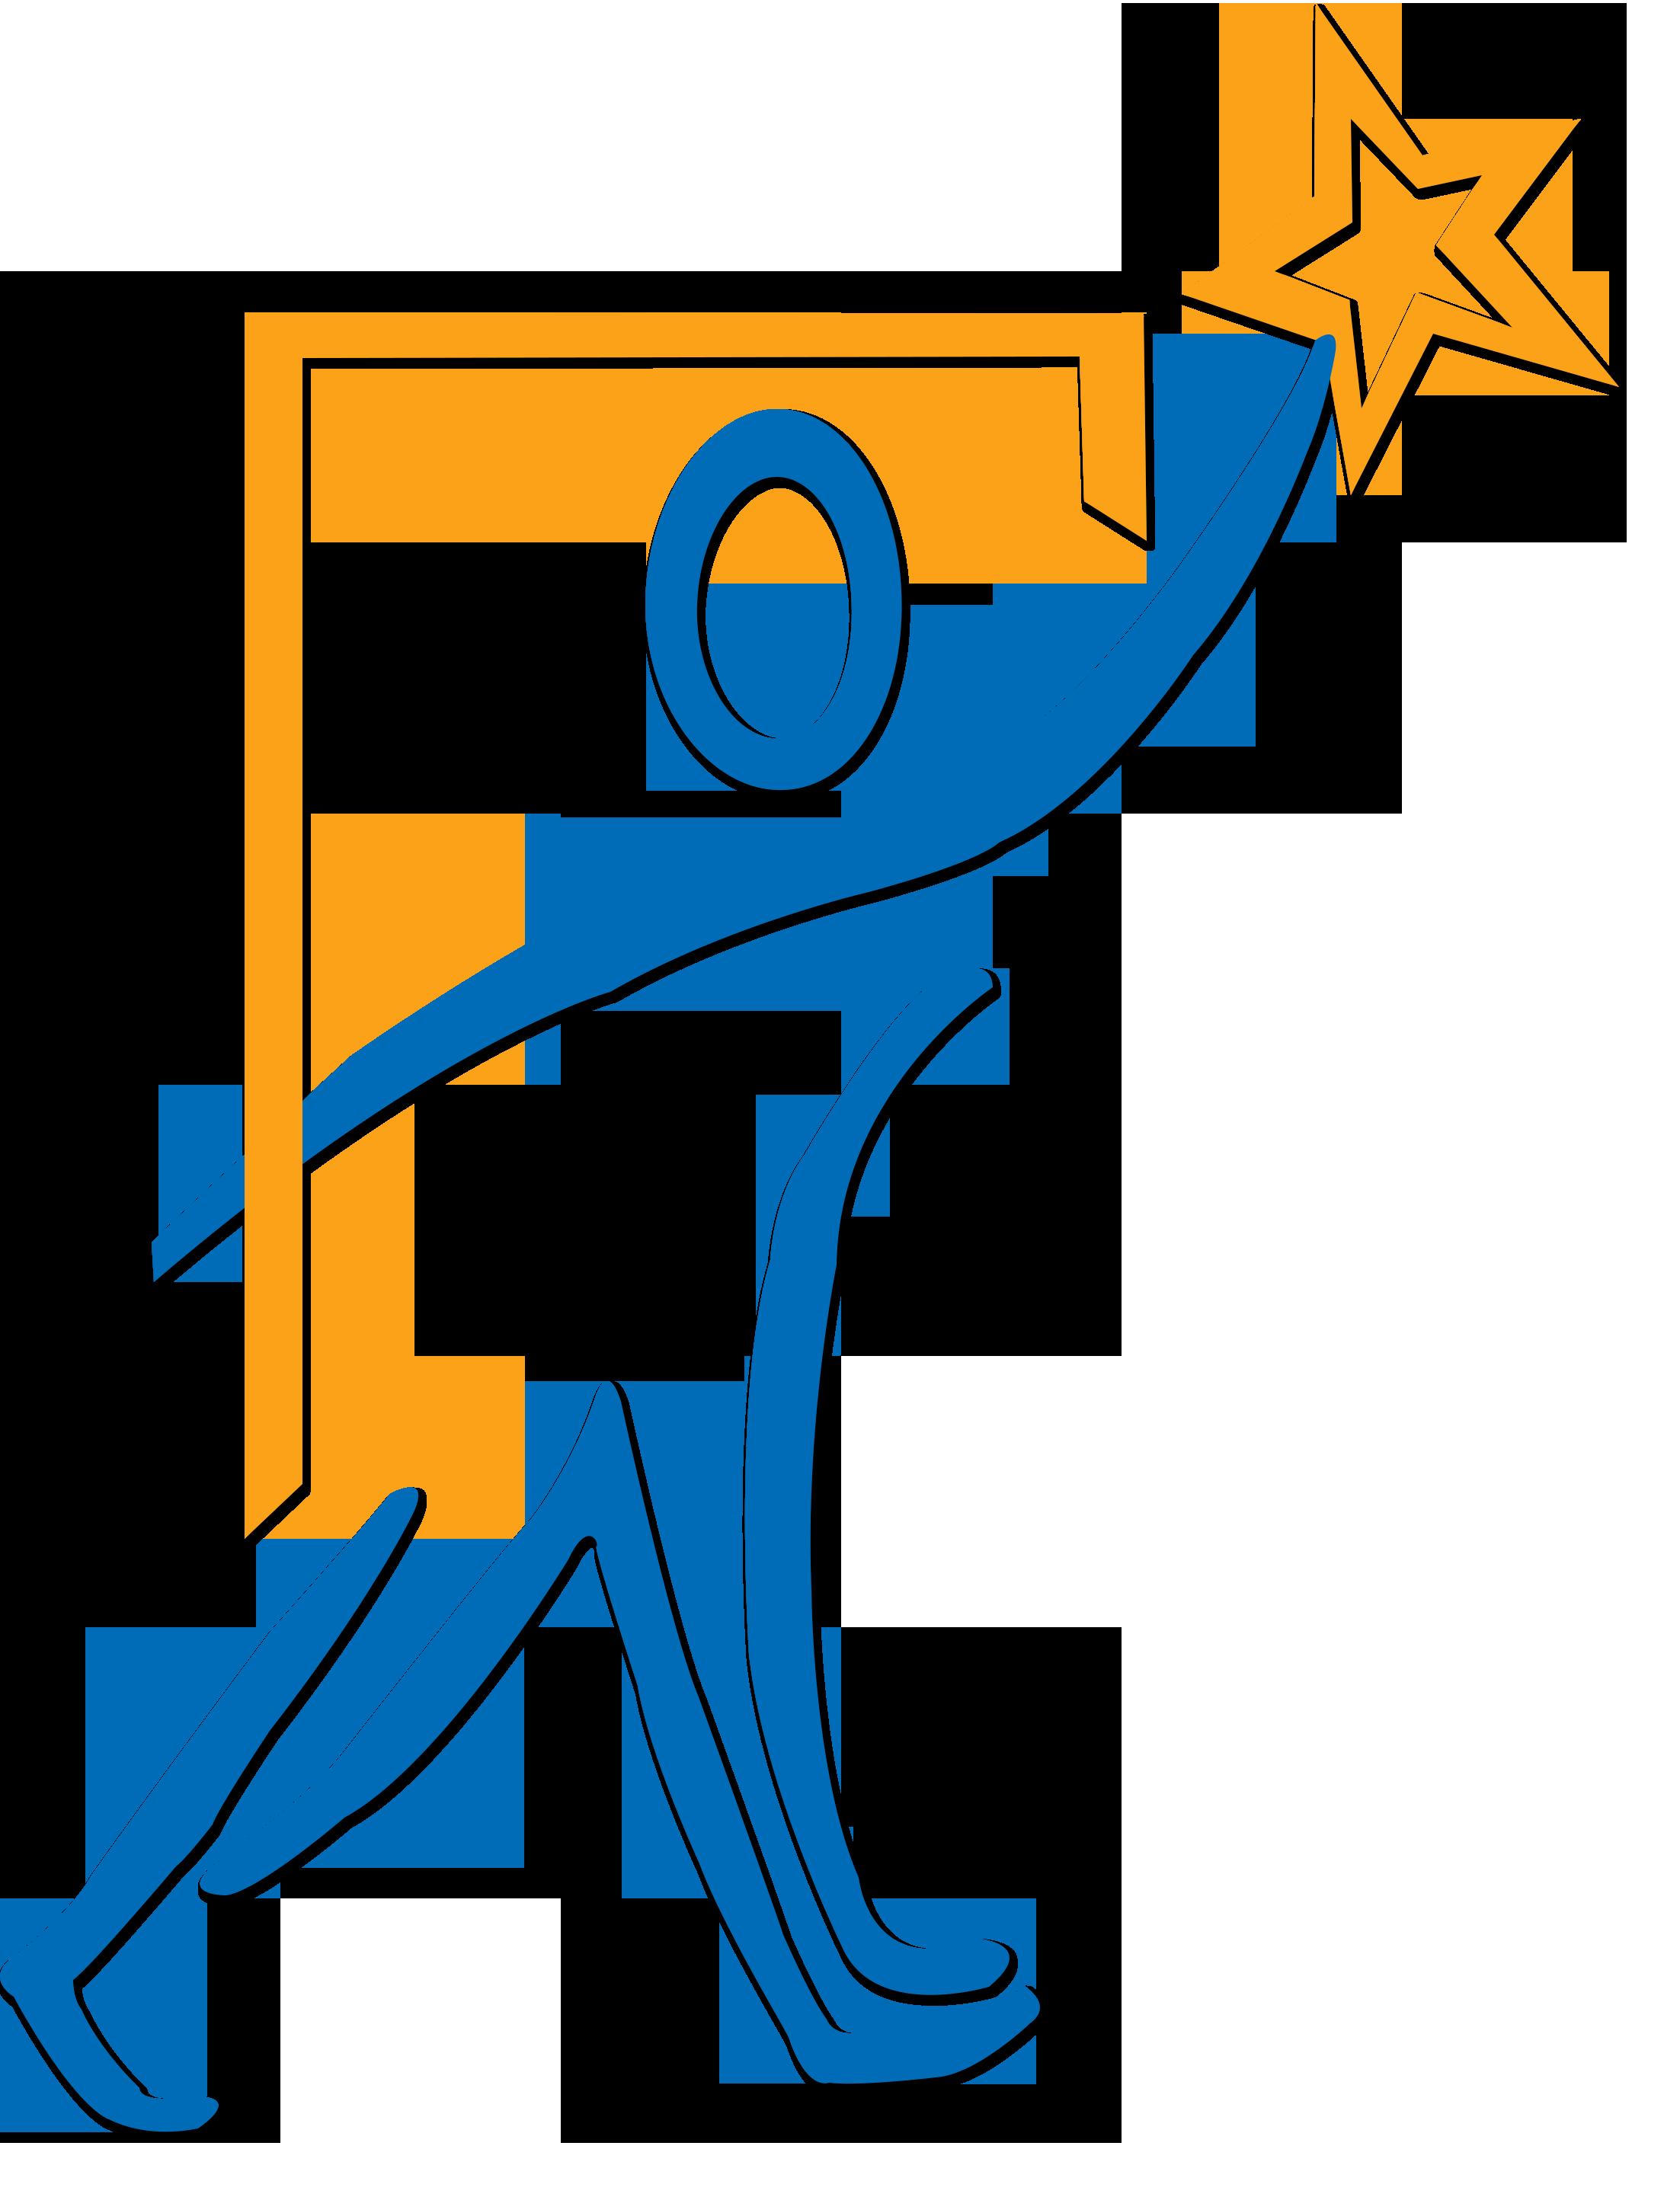 Family Promise Logo stabilizinghomeless children in Beaverton